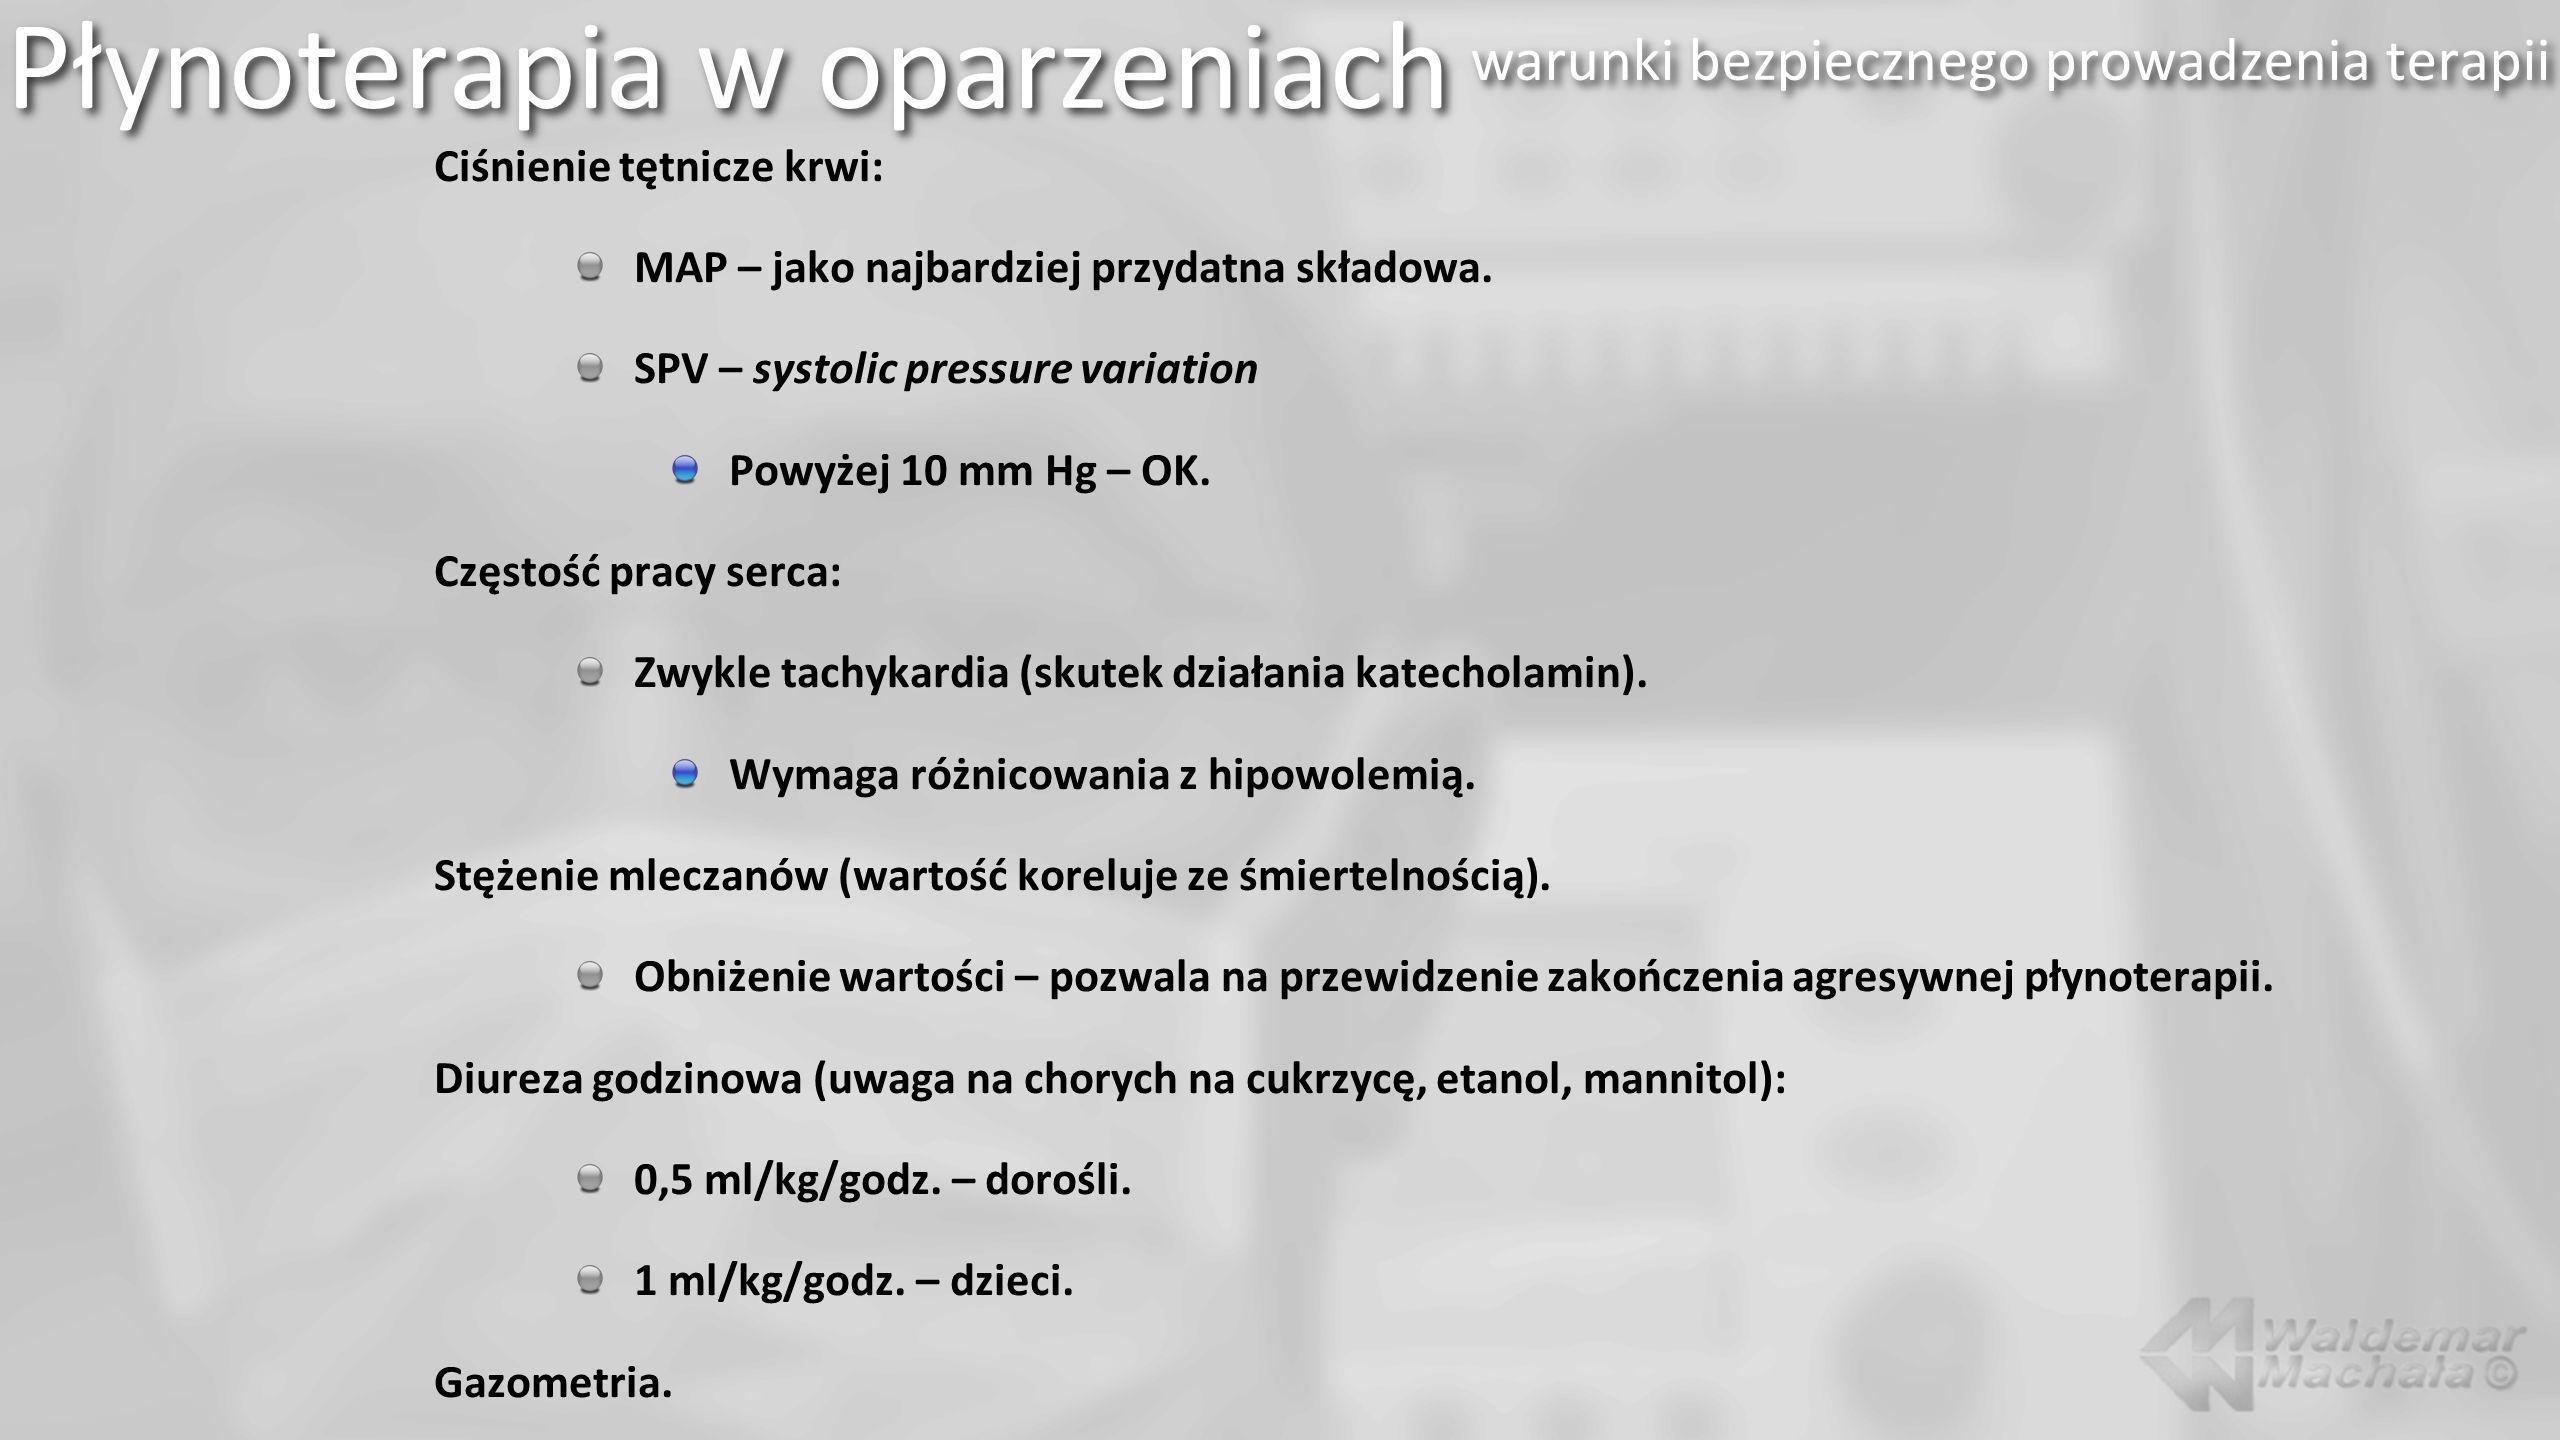 Ciśnienie tętnicze krwi: MAP – jako najbardziej przydatna składowa.